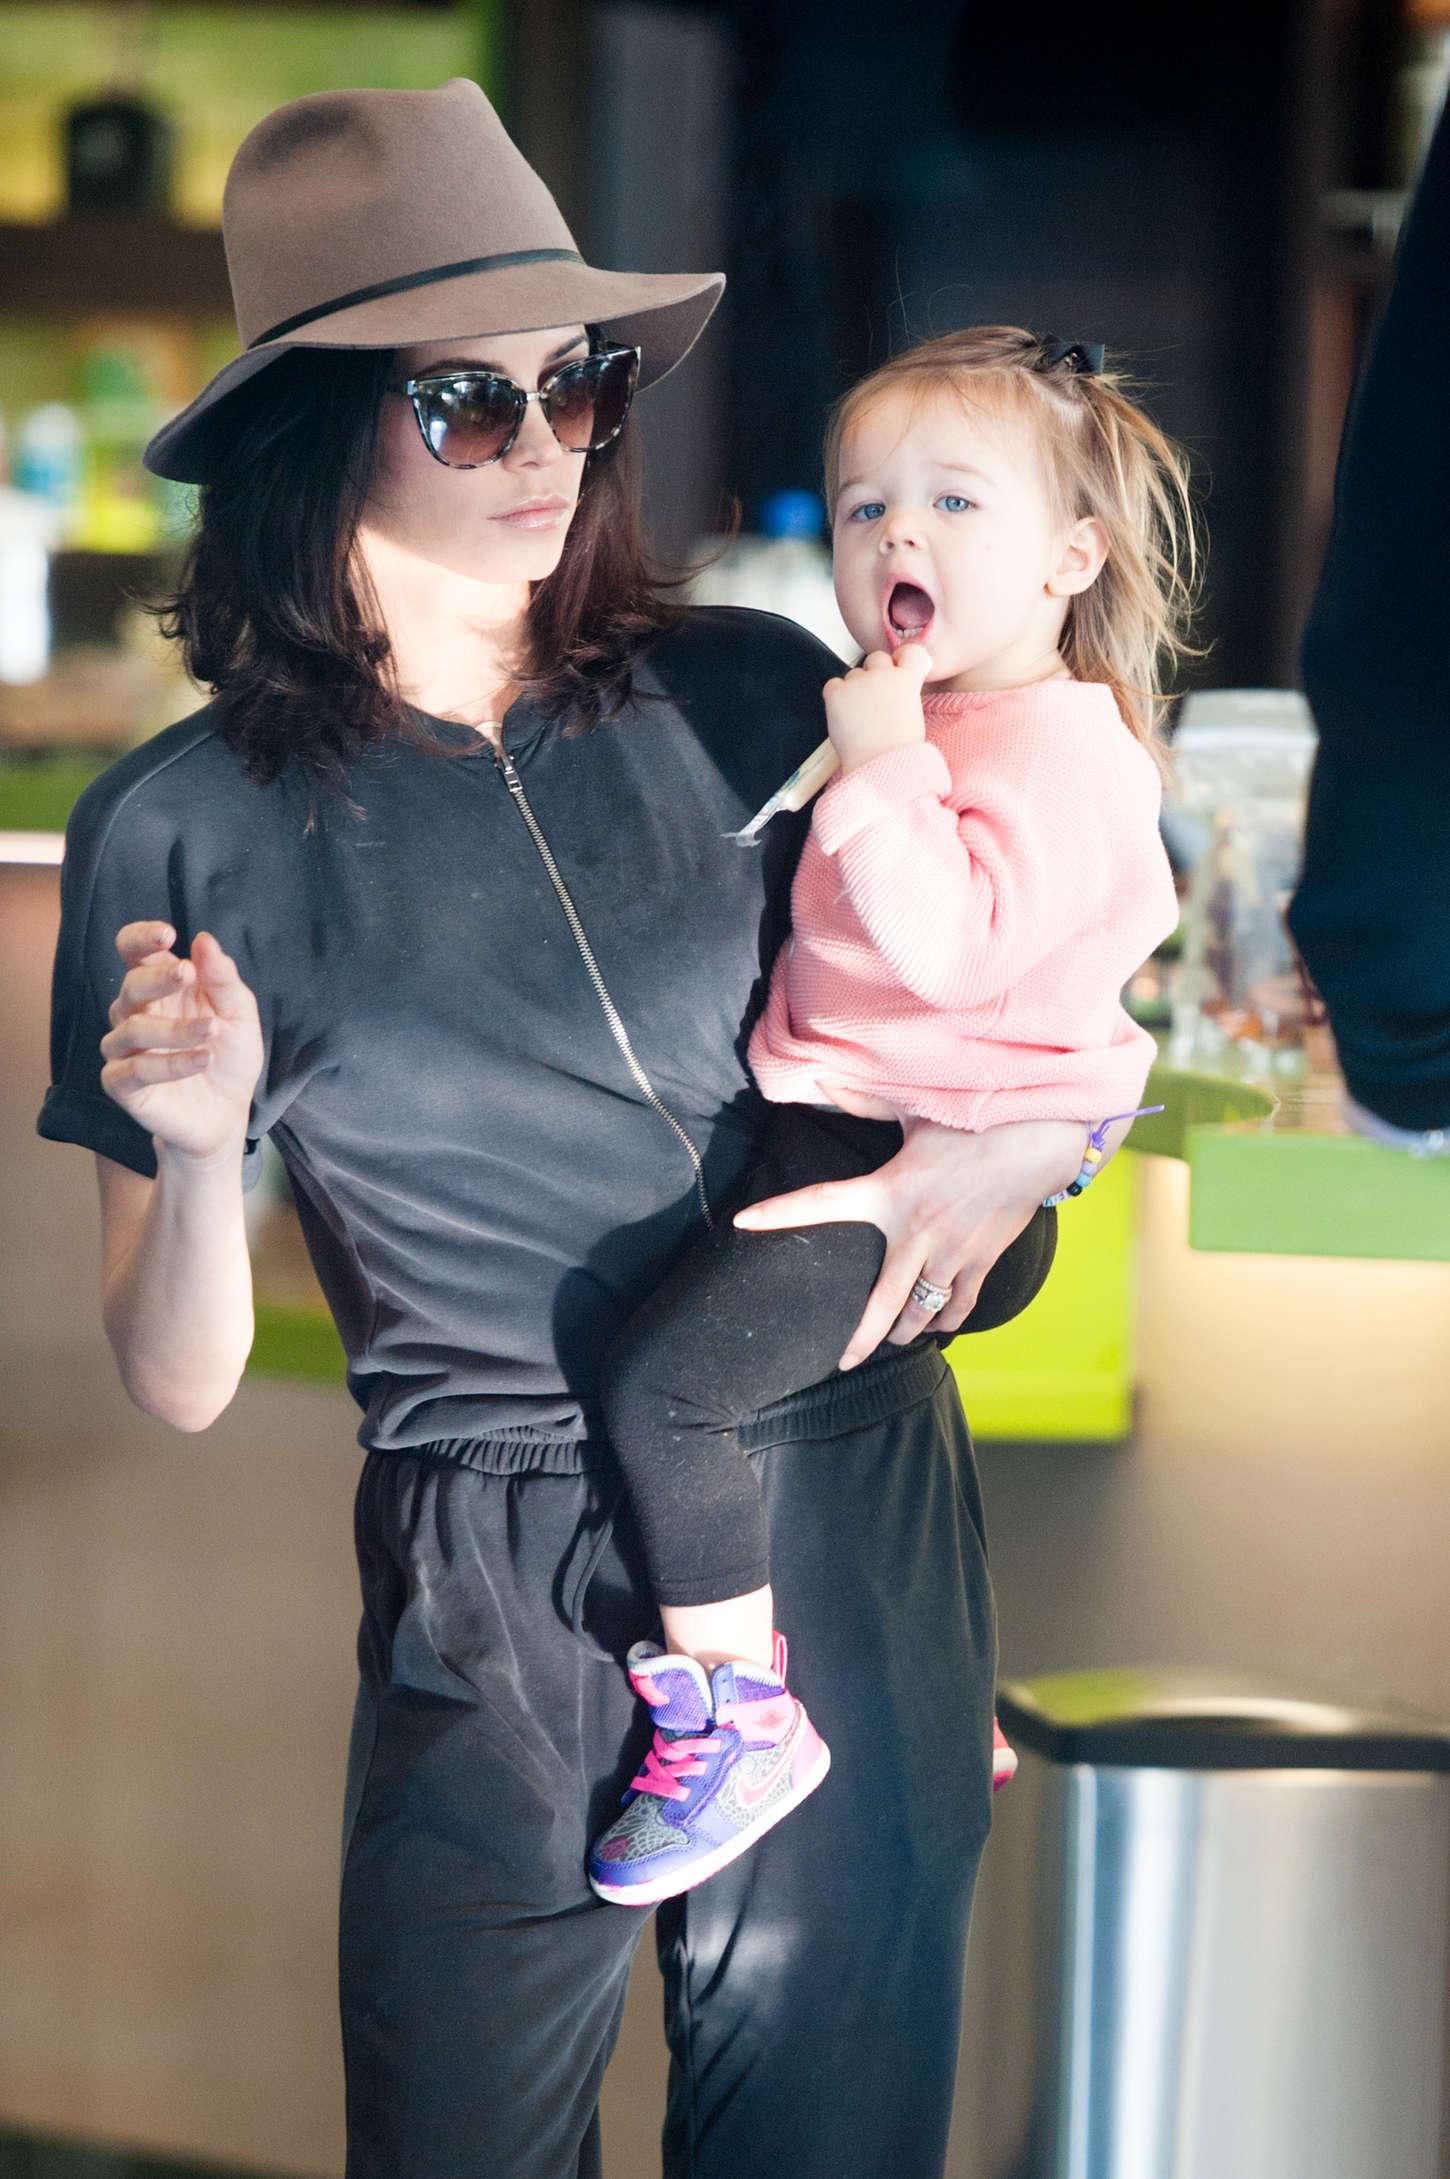 Jenna Dewan Tatum 2015 : Jenna Dewan Tatum Out in LA -20